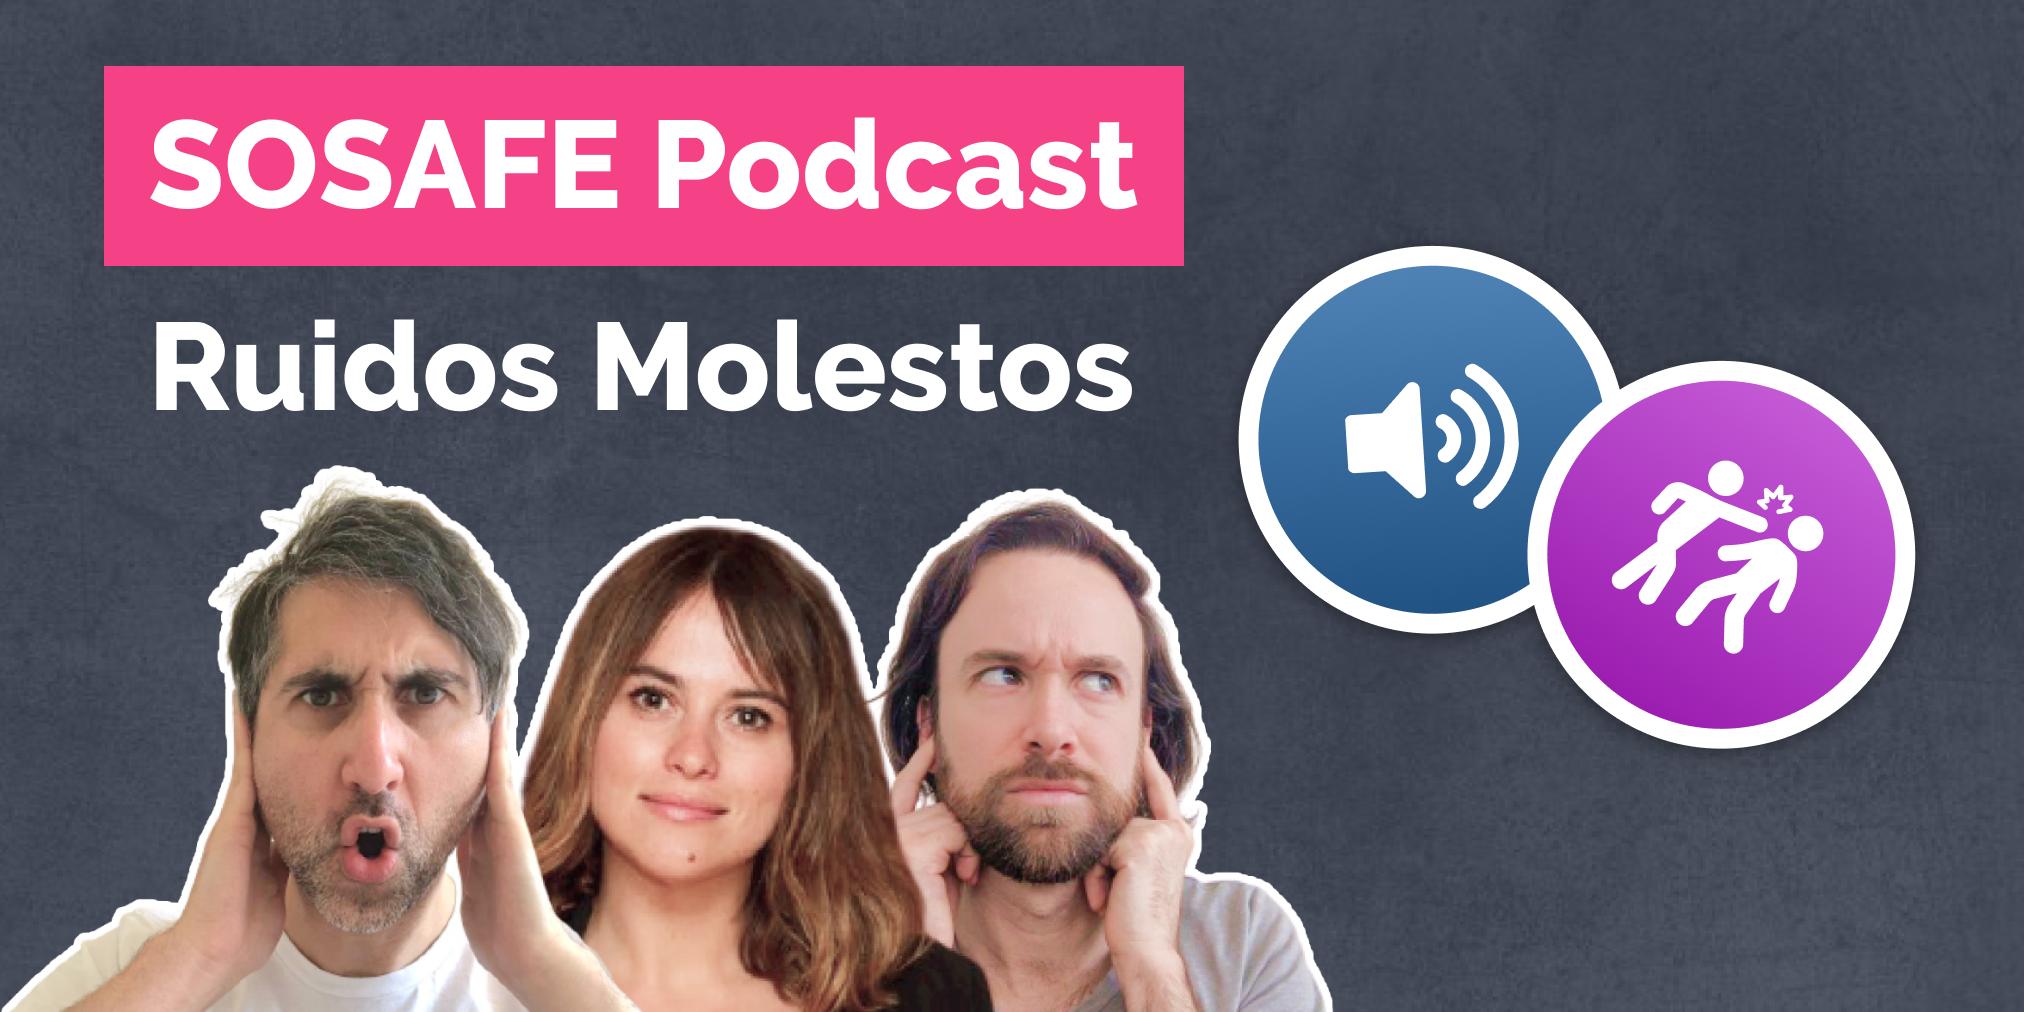 SOSAFE Podcast - Episodio 1: Ruidos Molestos (feat. Carlos, Paula y Cristian)